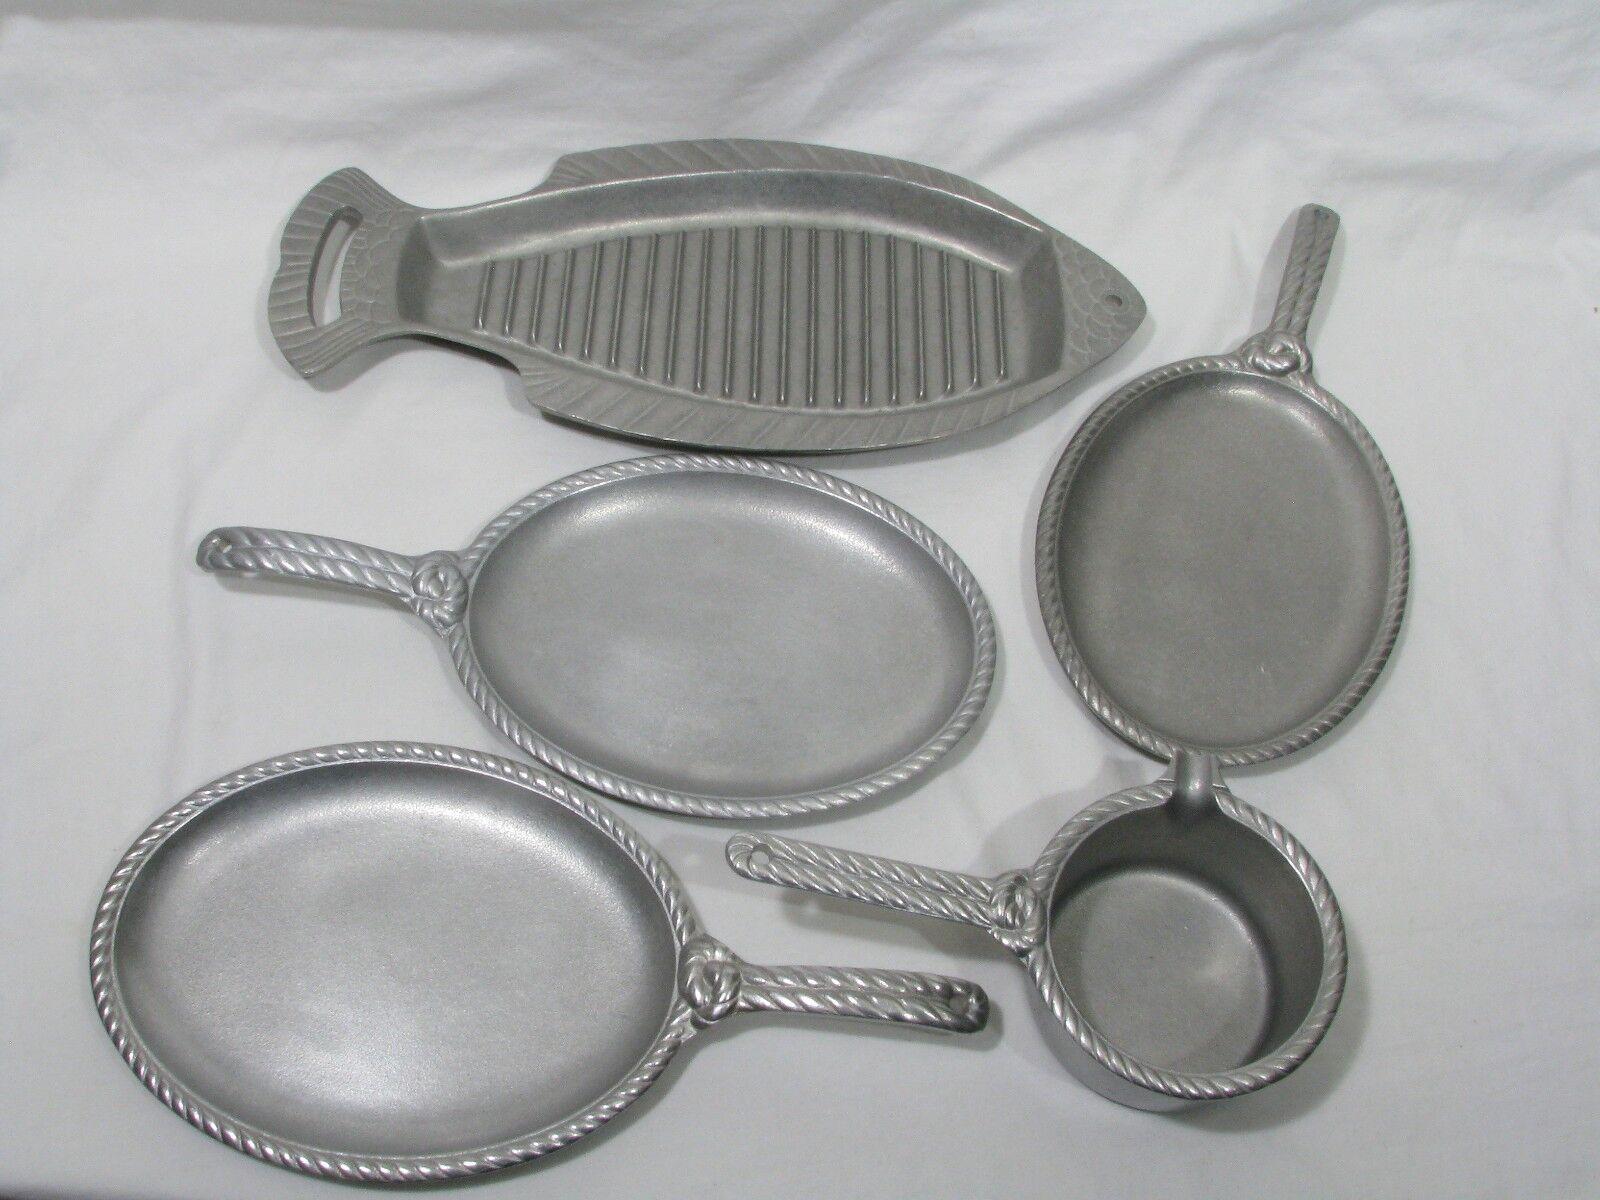 5 pc Set Wilton Armetale Grillware POISSON, 3 Sizzle Platter et sauce pot